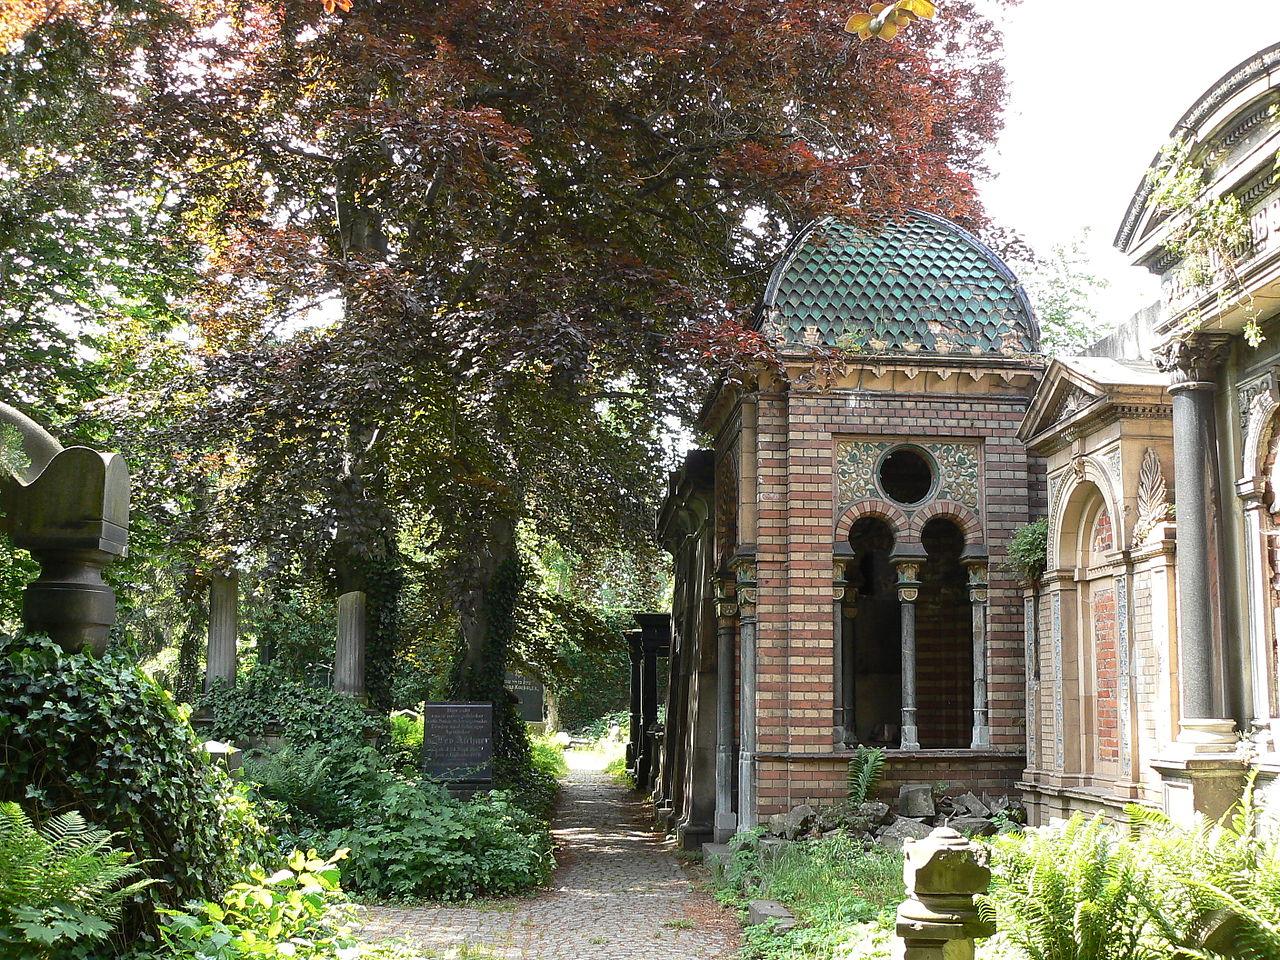 Stary Cmentarz Żydowski we Wrocławiu. Po lewej wysokie, stare drzewa. Po prawej stary grobowiec rodzinny. To niski budynek z dachem w kształcie kopuły.